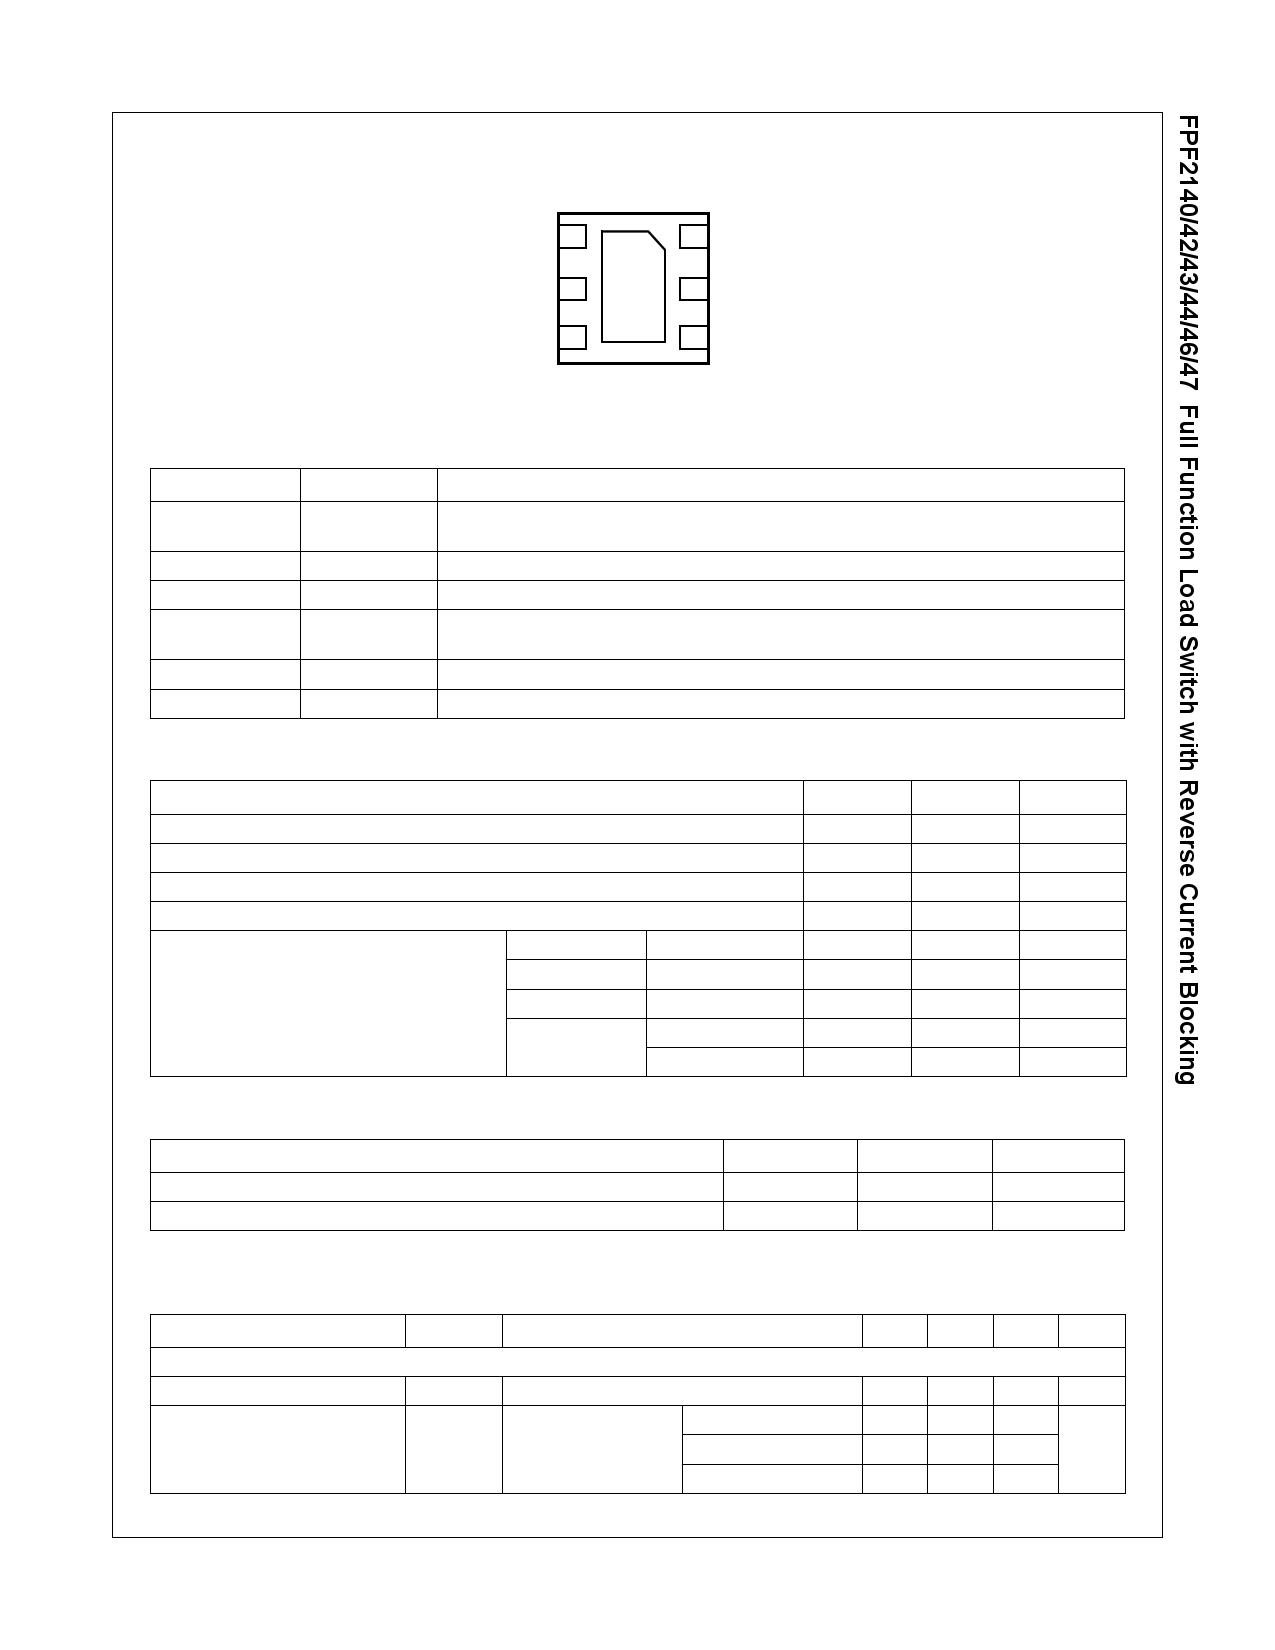 FPF2146 pdf, 電子部品, 半導体, ピン配列